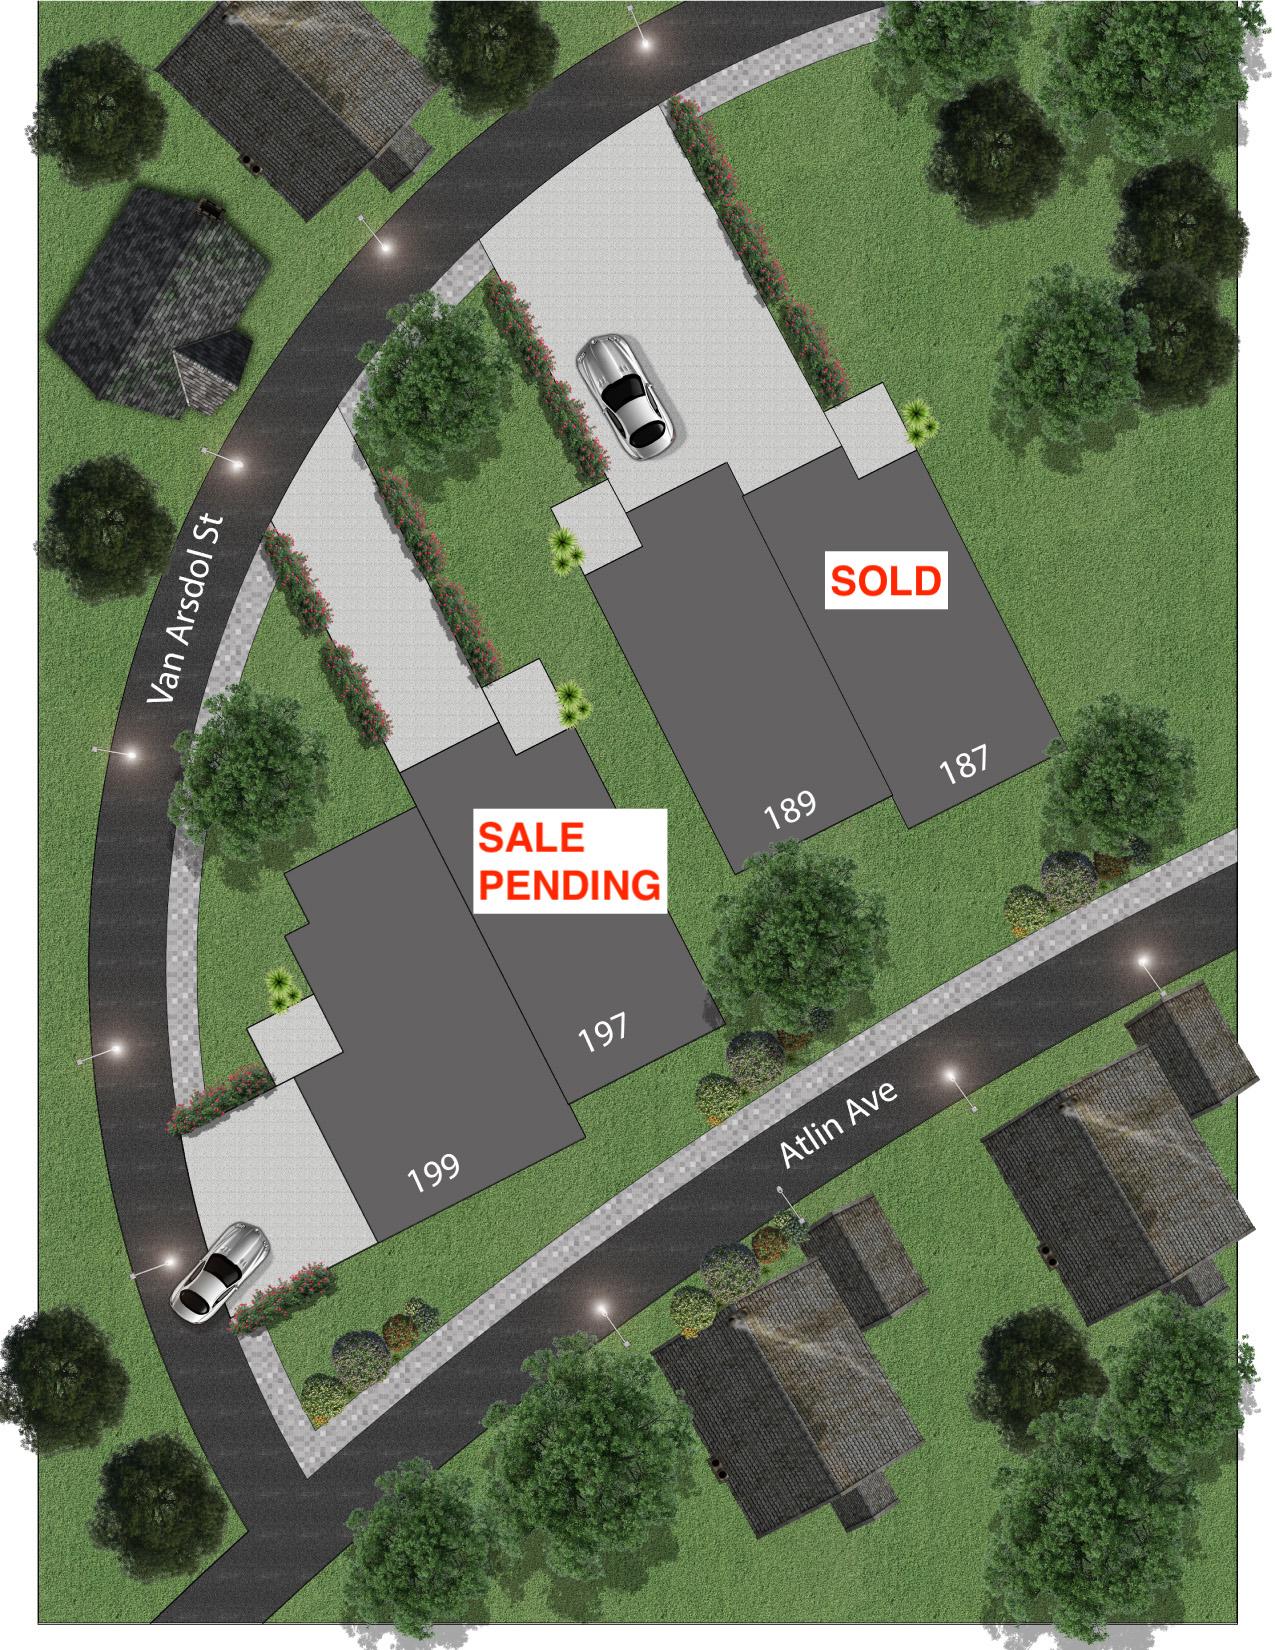 Van Arsdol Homes - Site Plan 187 SOLD 197 PENDING.jpeg